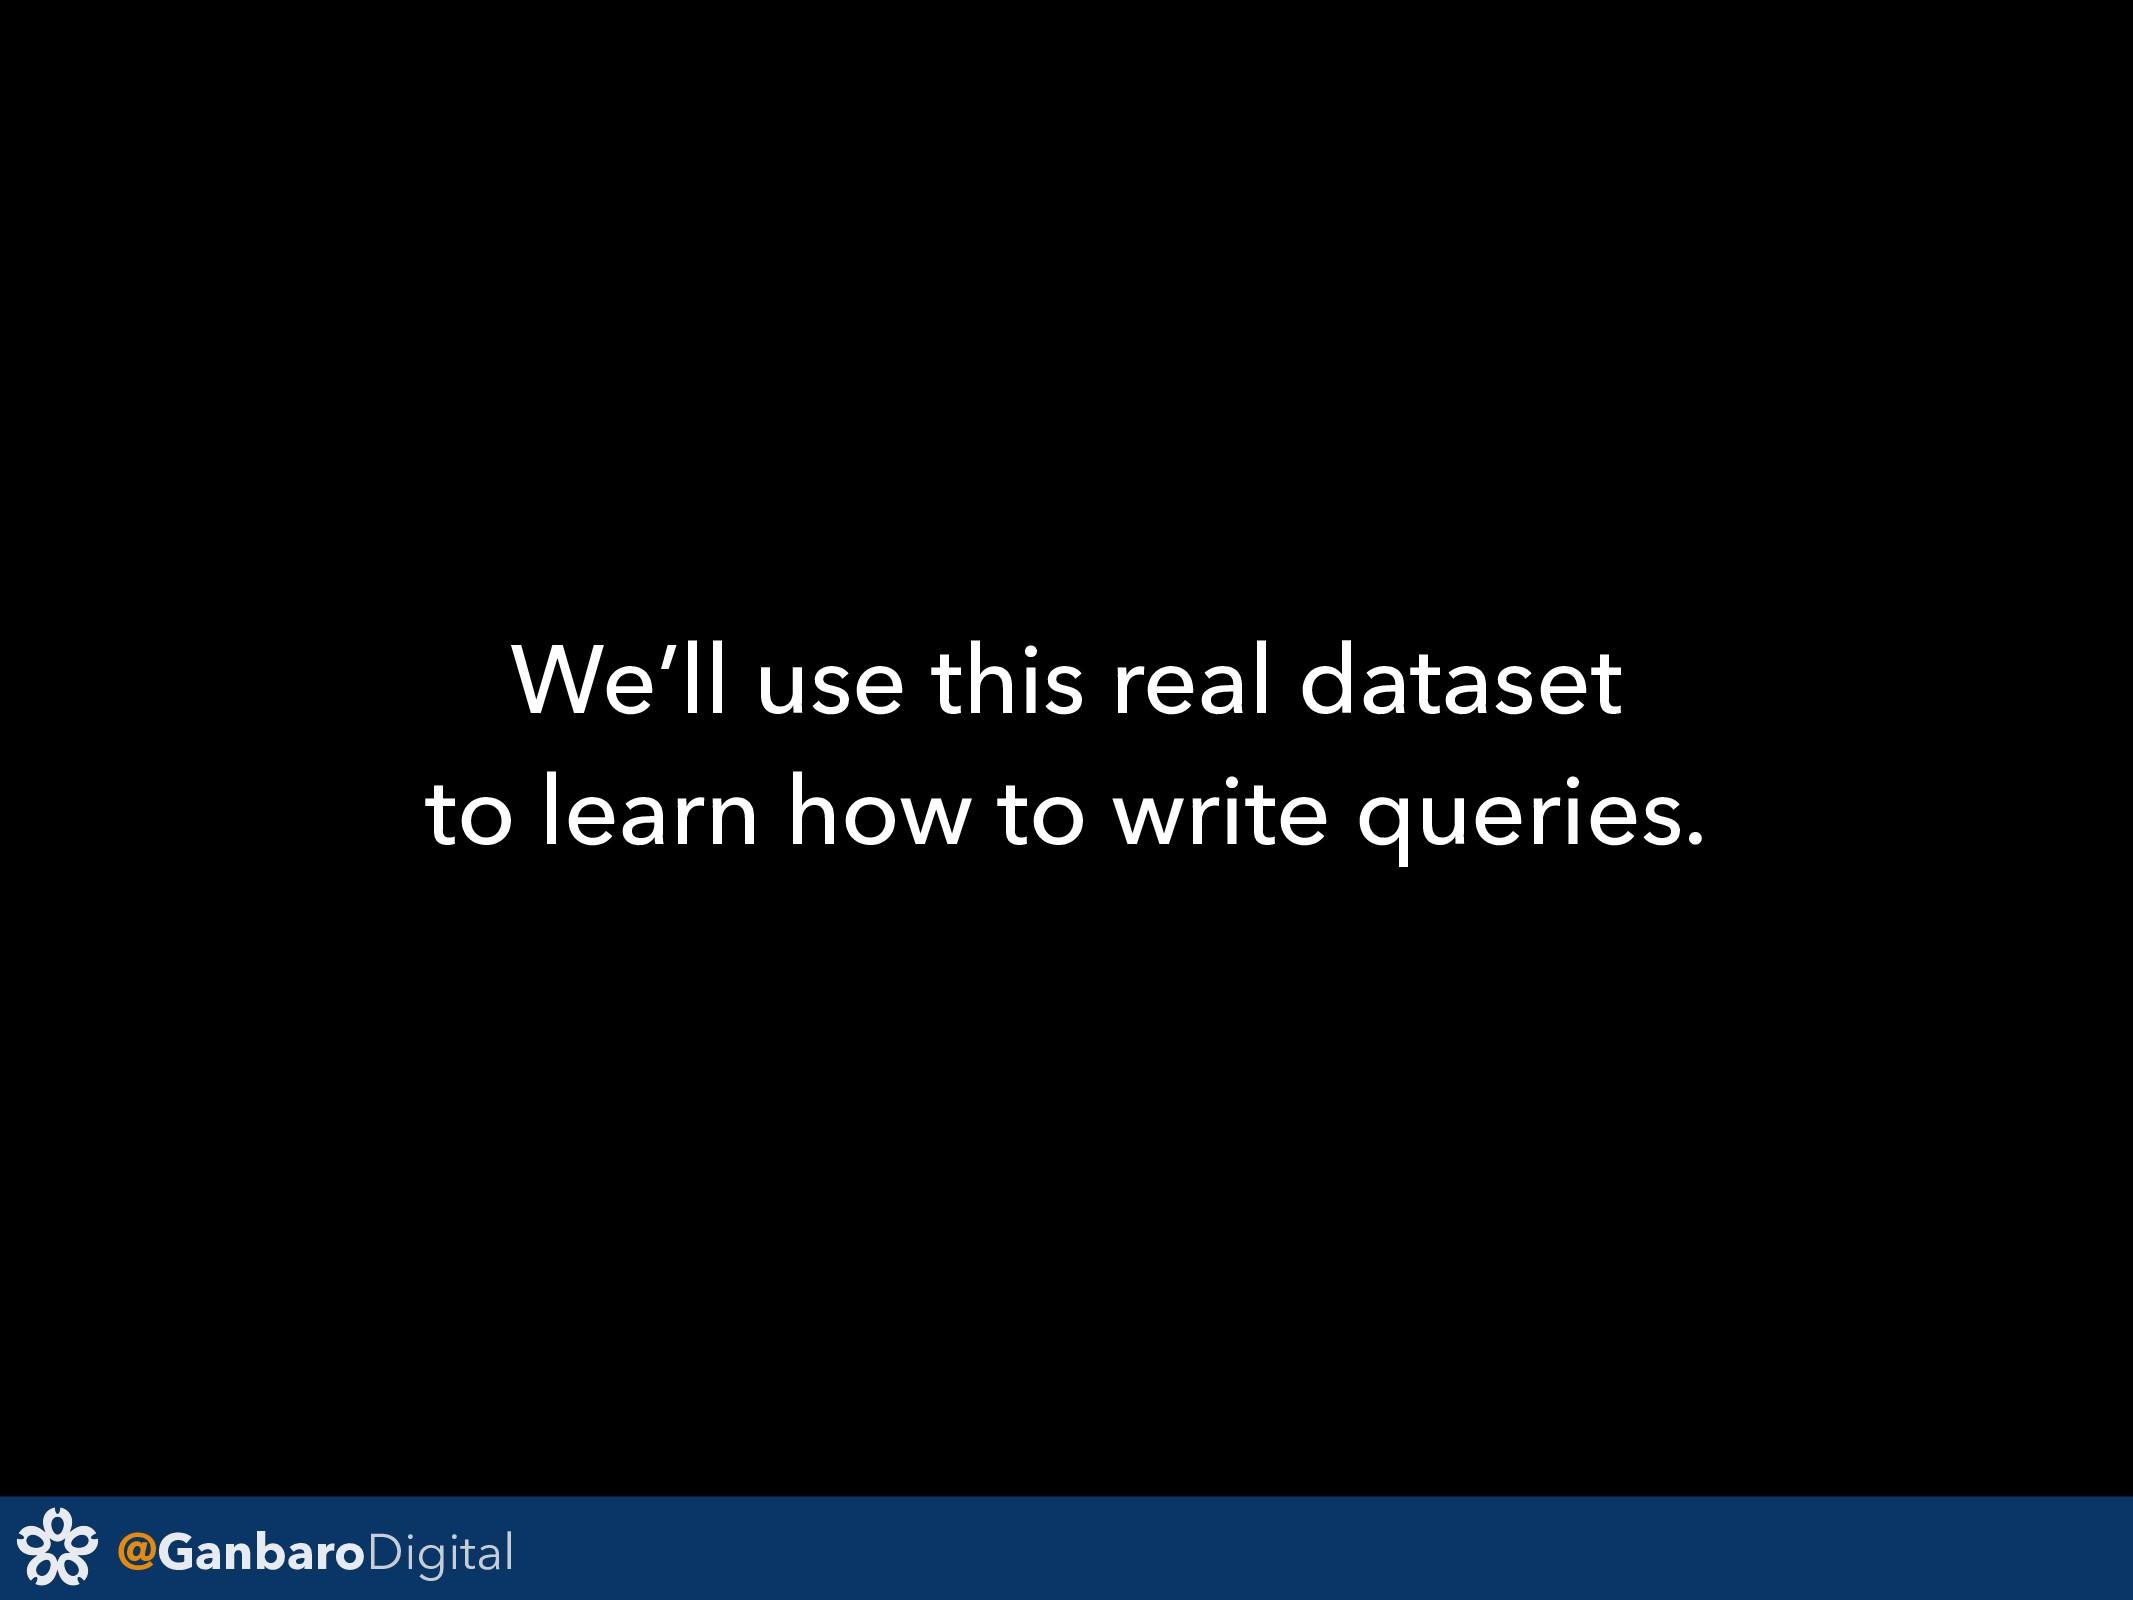 @GanbaroDigital We'll use this real dataset to ...